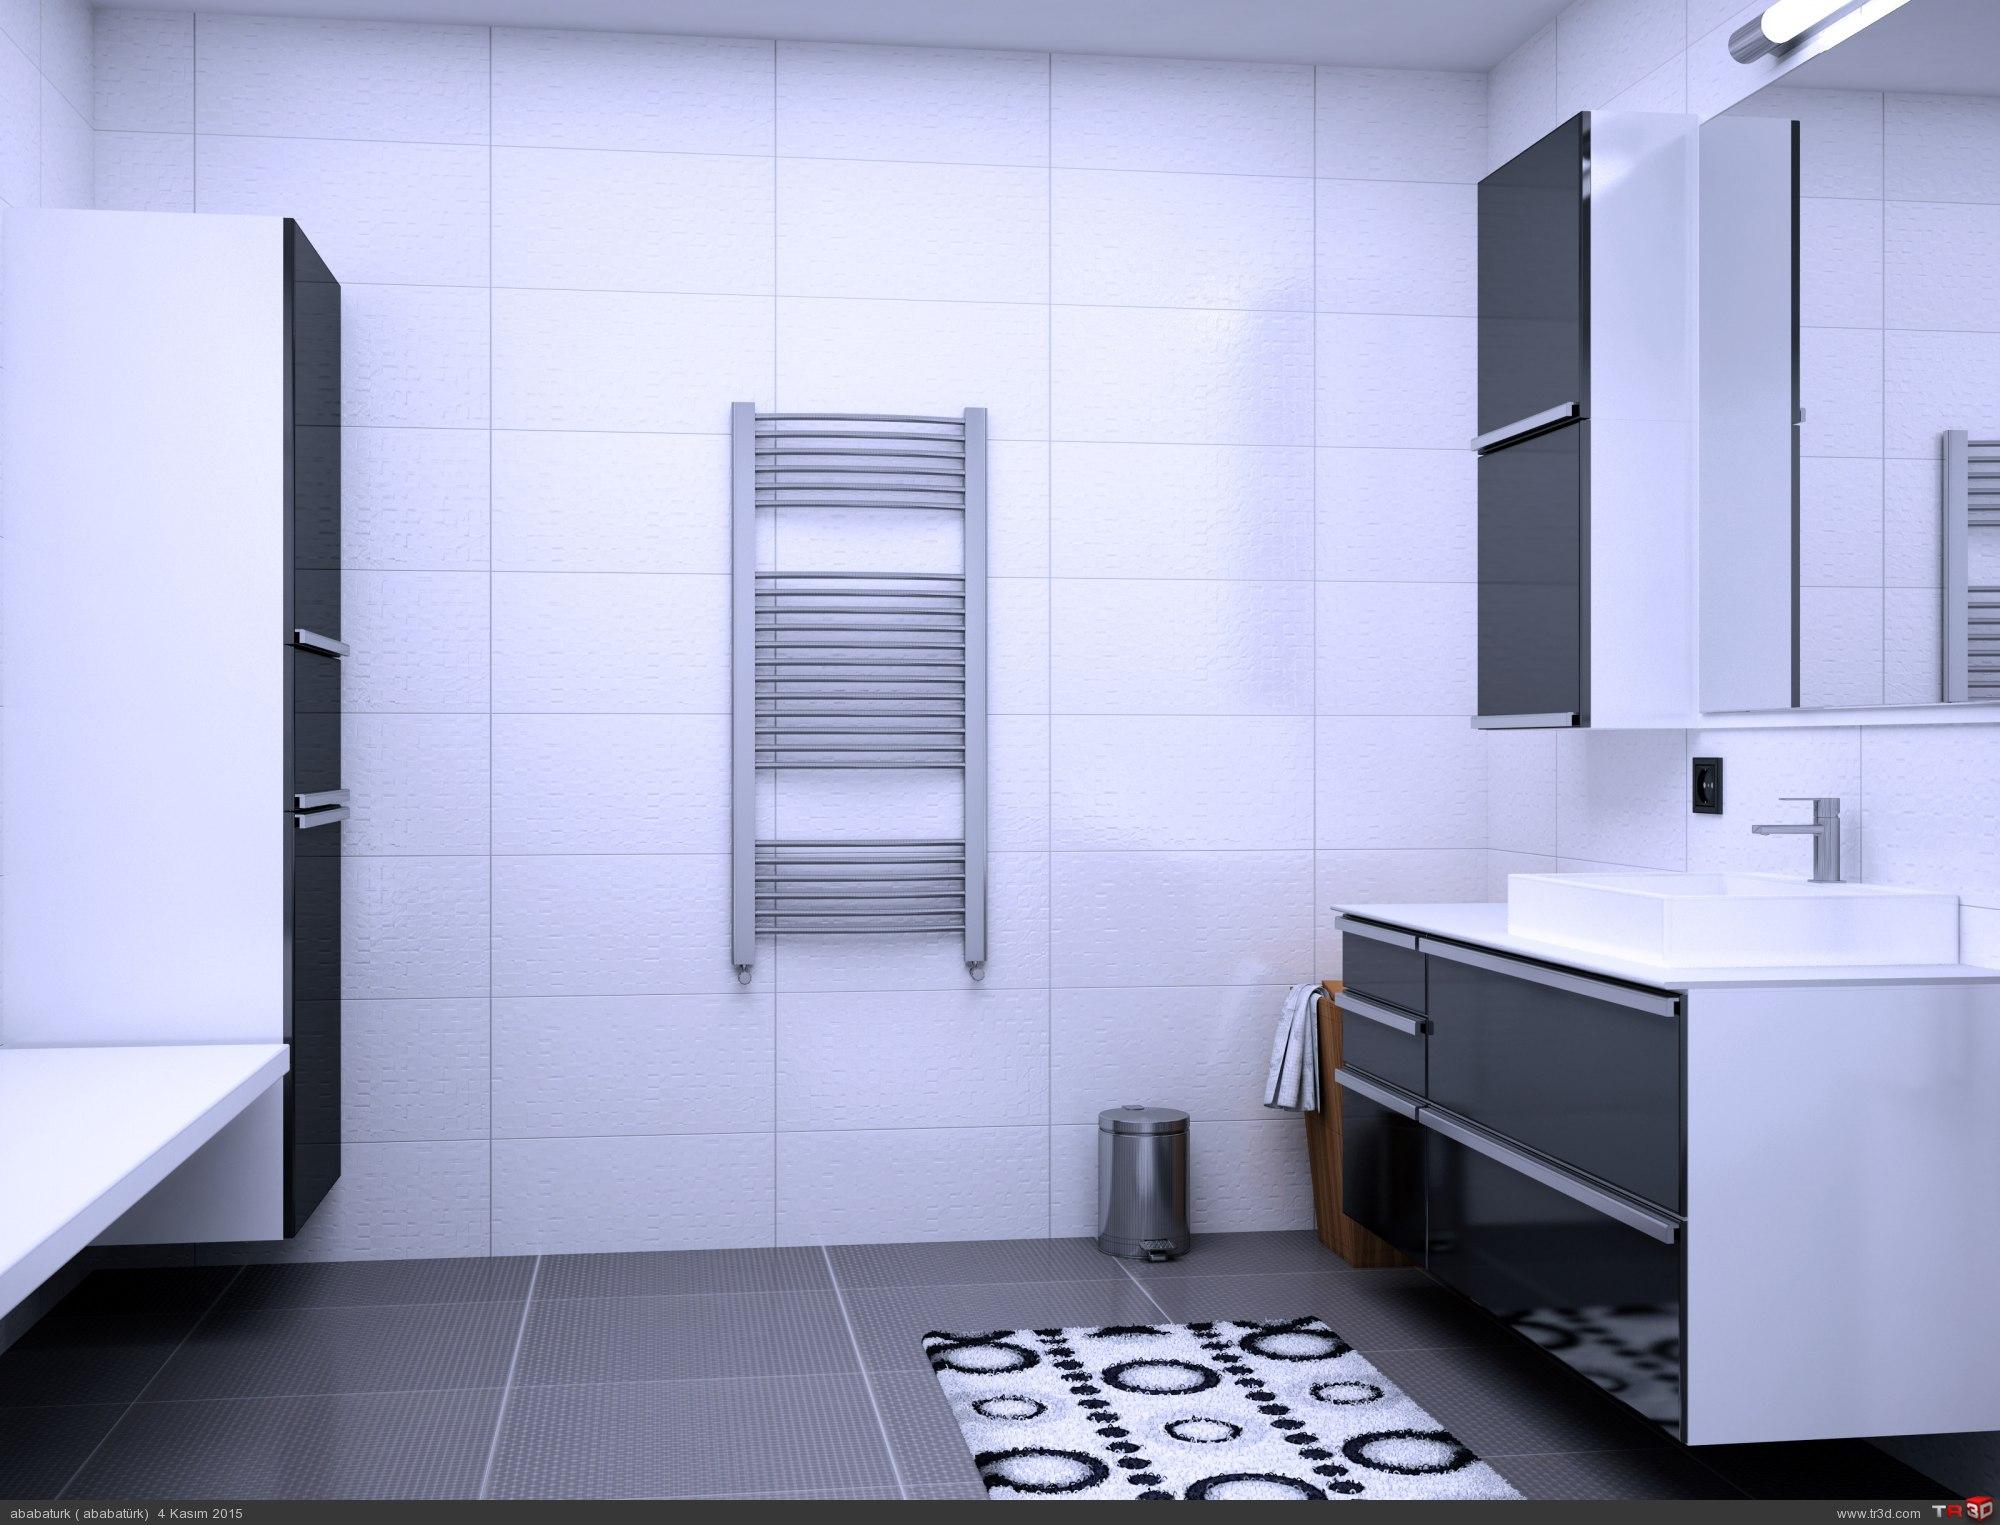 siyah beyaz banyo 1